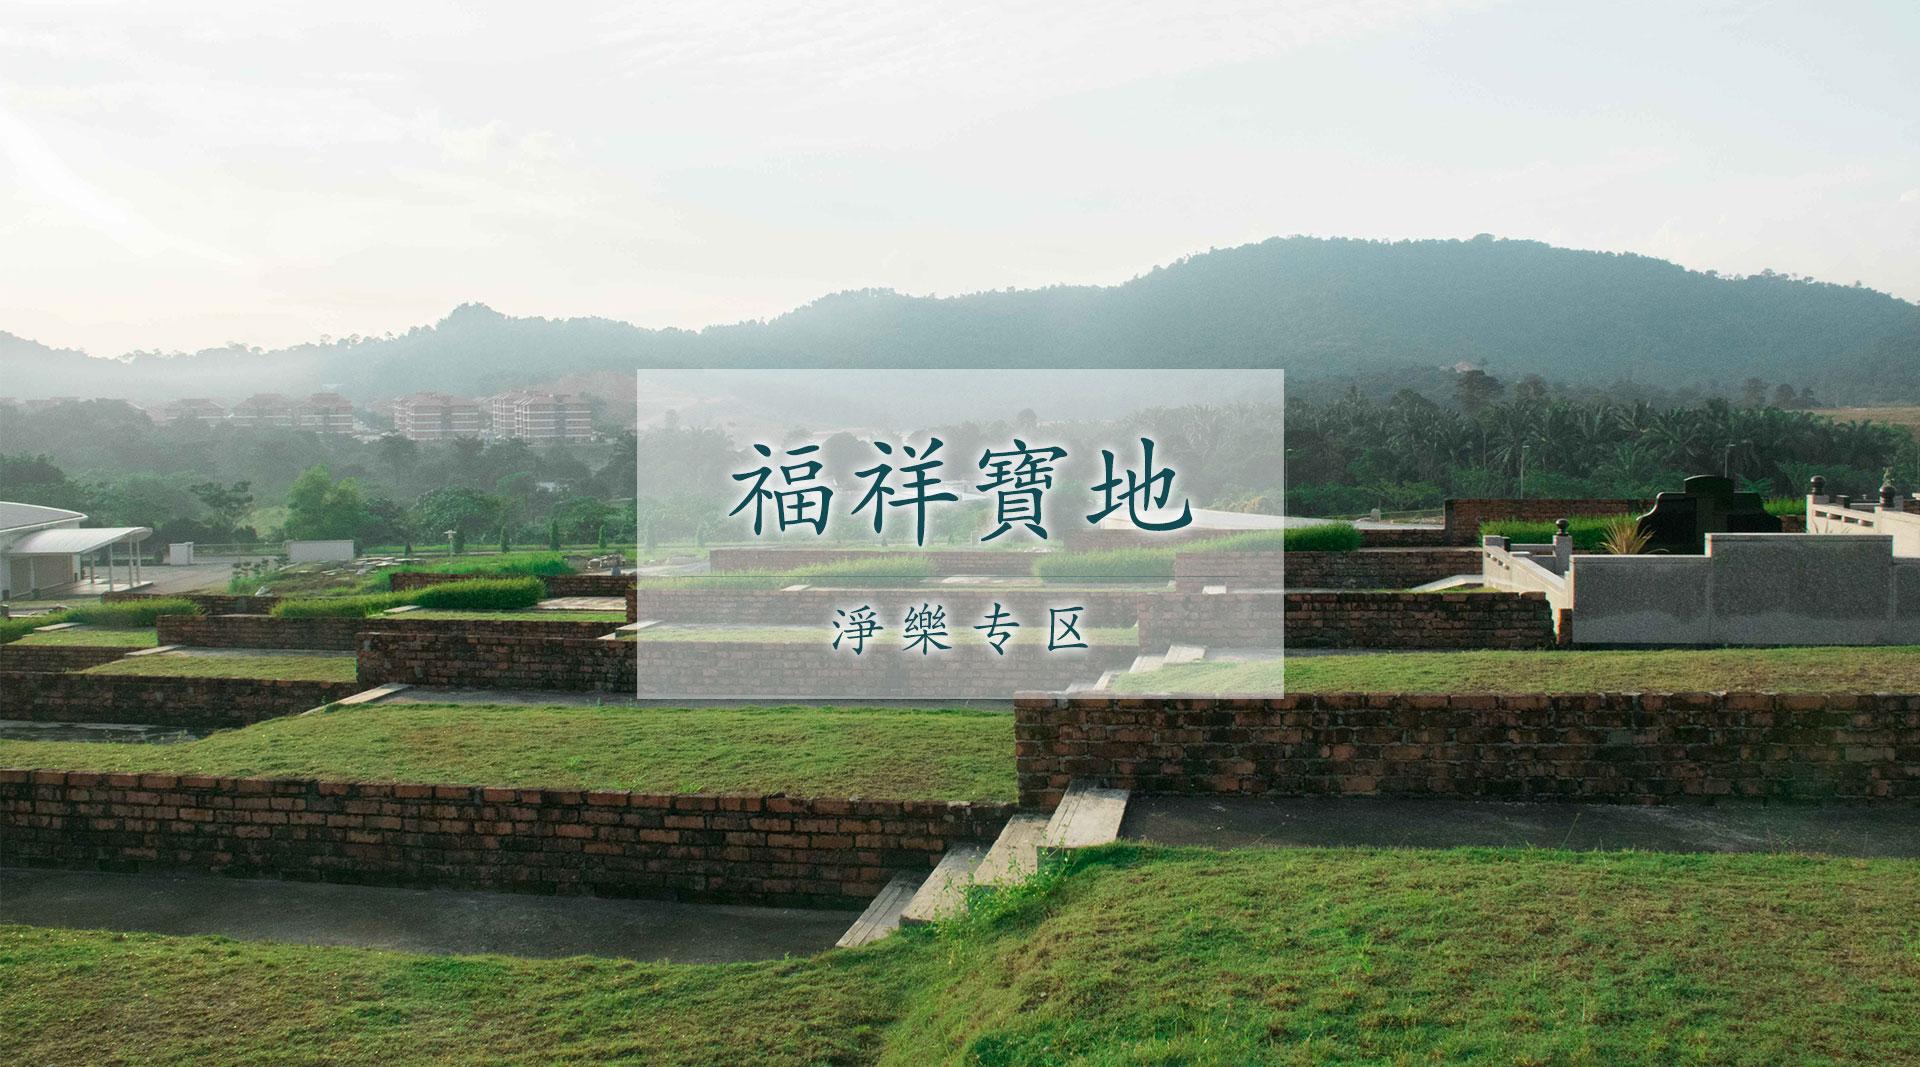 福祥宝地-home-pic-1-2